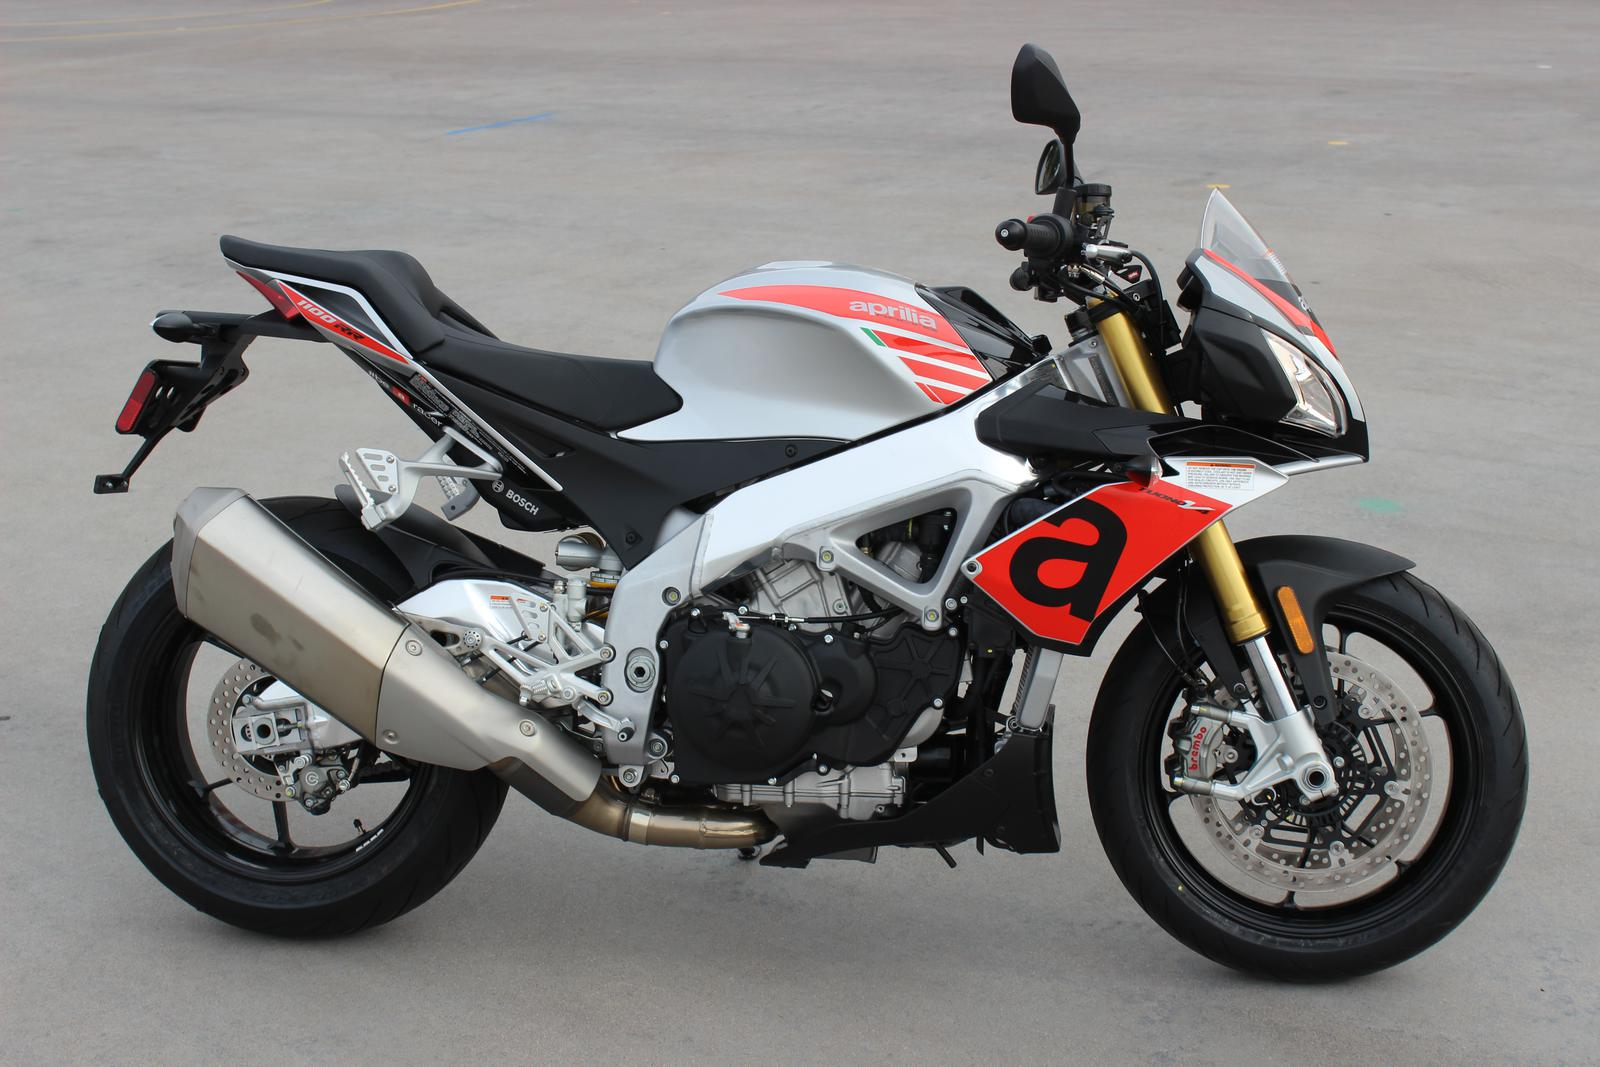 2018 Aprilia Tuono V4 1100 RR for sale in Scottsdale, AZ | GO AZ  Motorcycles in Scottsdale (480) 609-1800